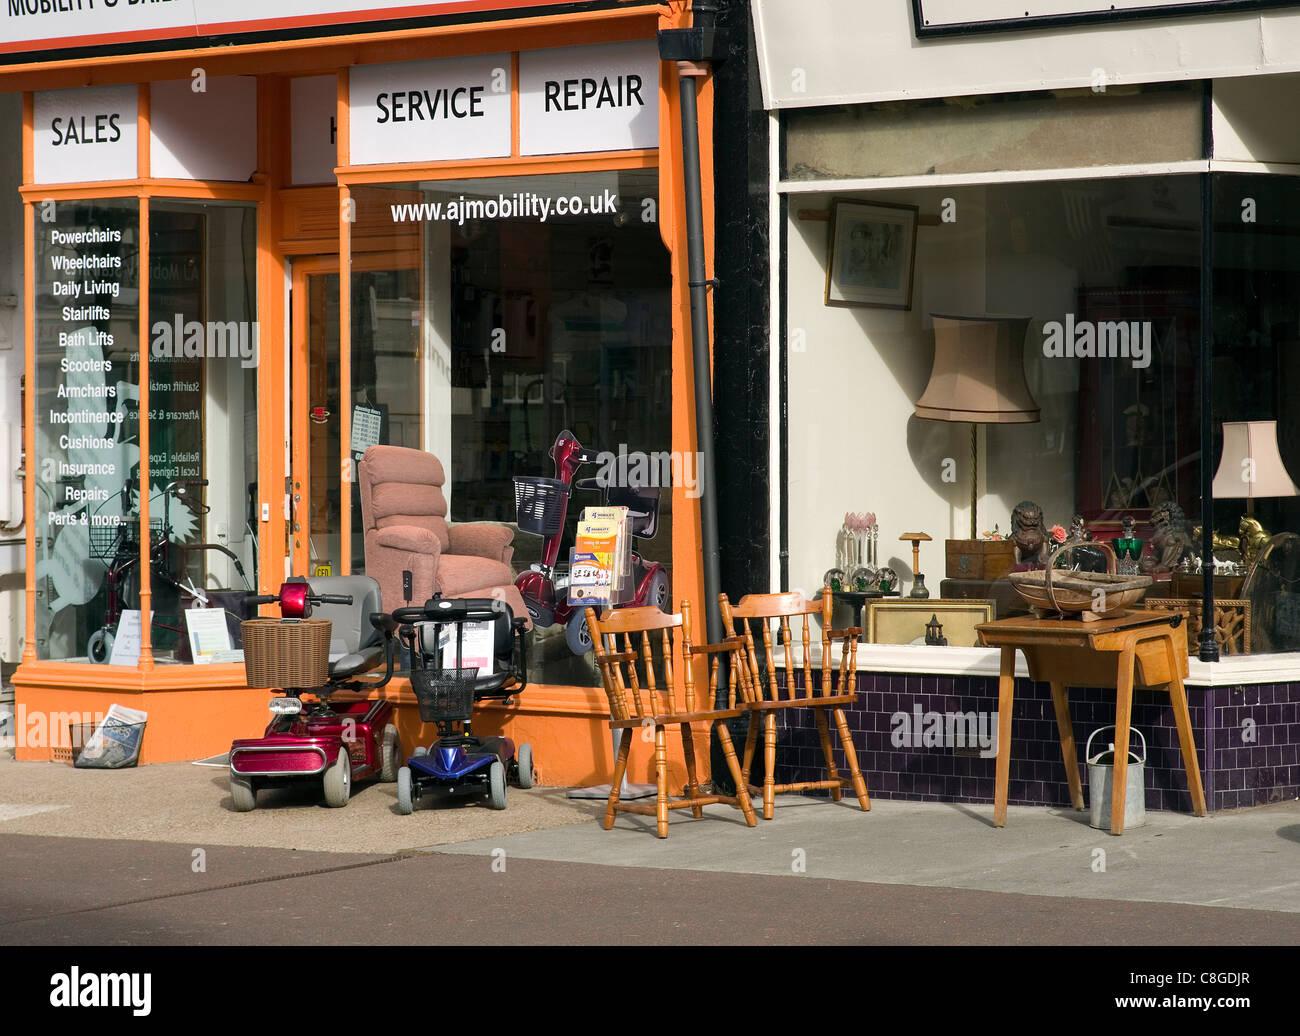 kleine Läden verkaufen Scooter nützliche Ausrüstung und gebrauchte Möbel Stockbild